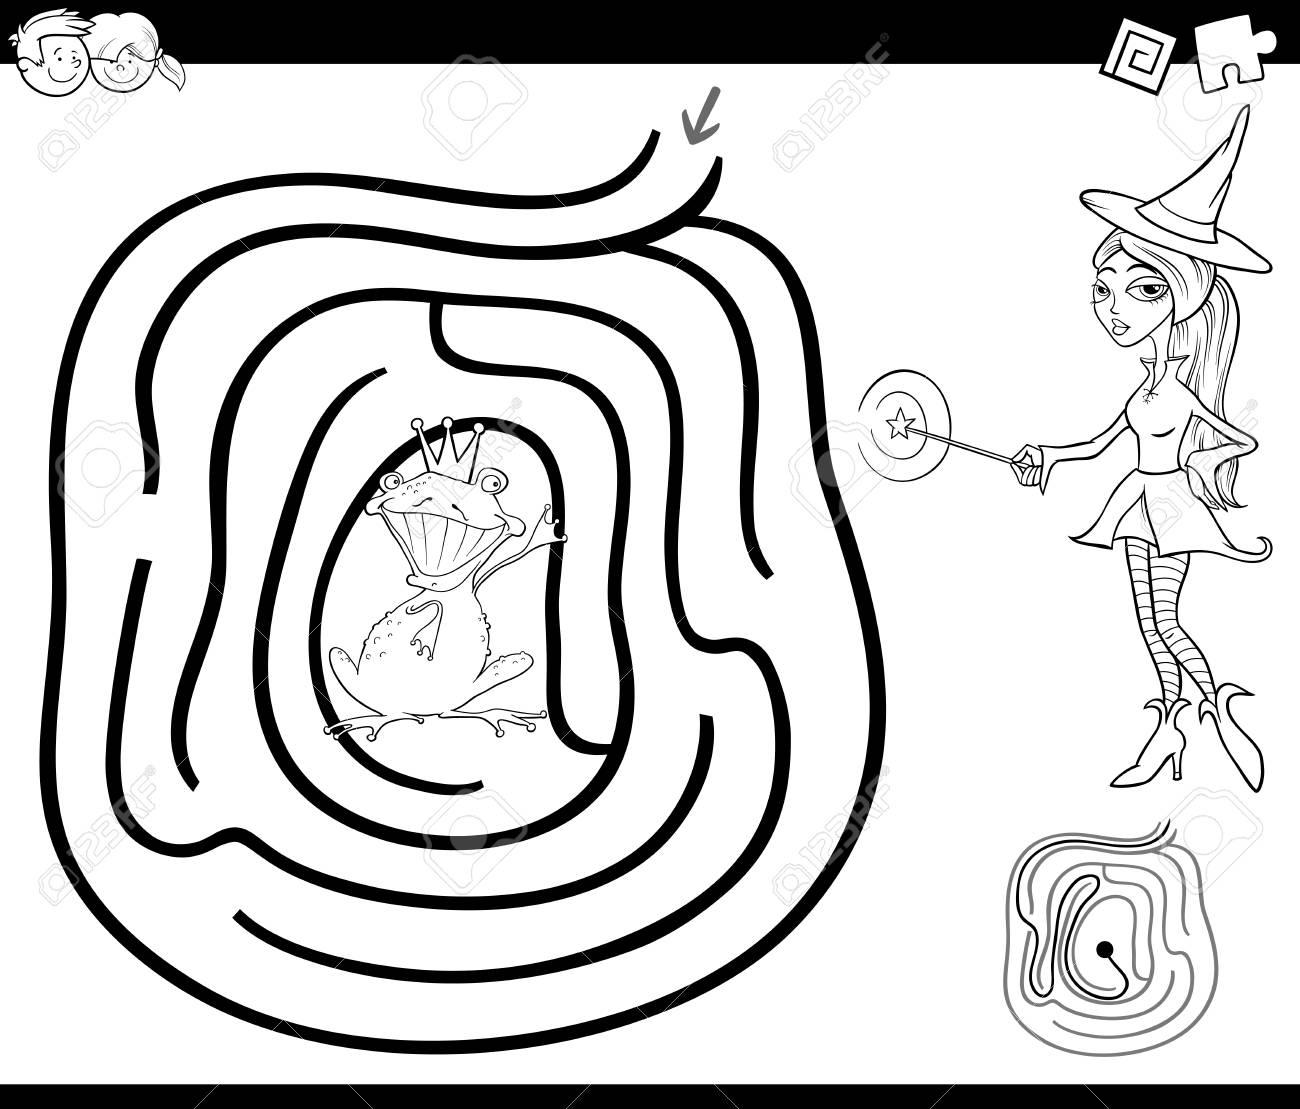 Ilustración De Dibujos Animados En Blanco Y Negro De La Educación ...